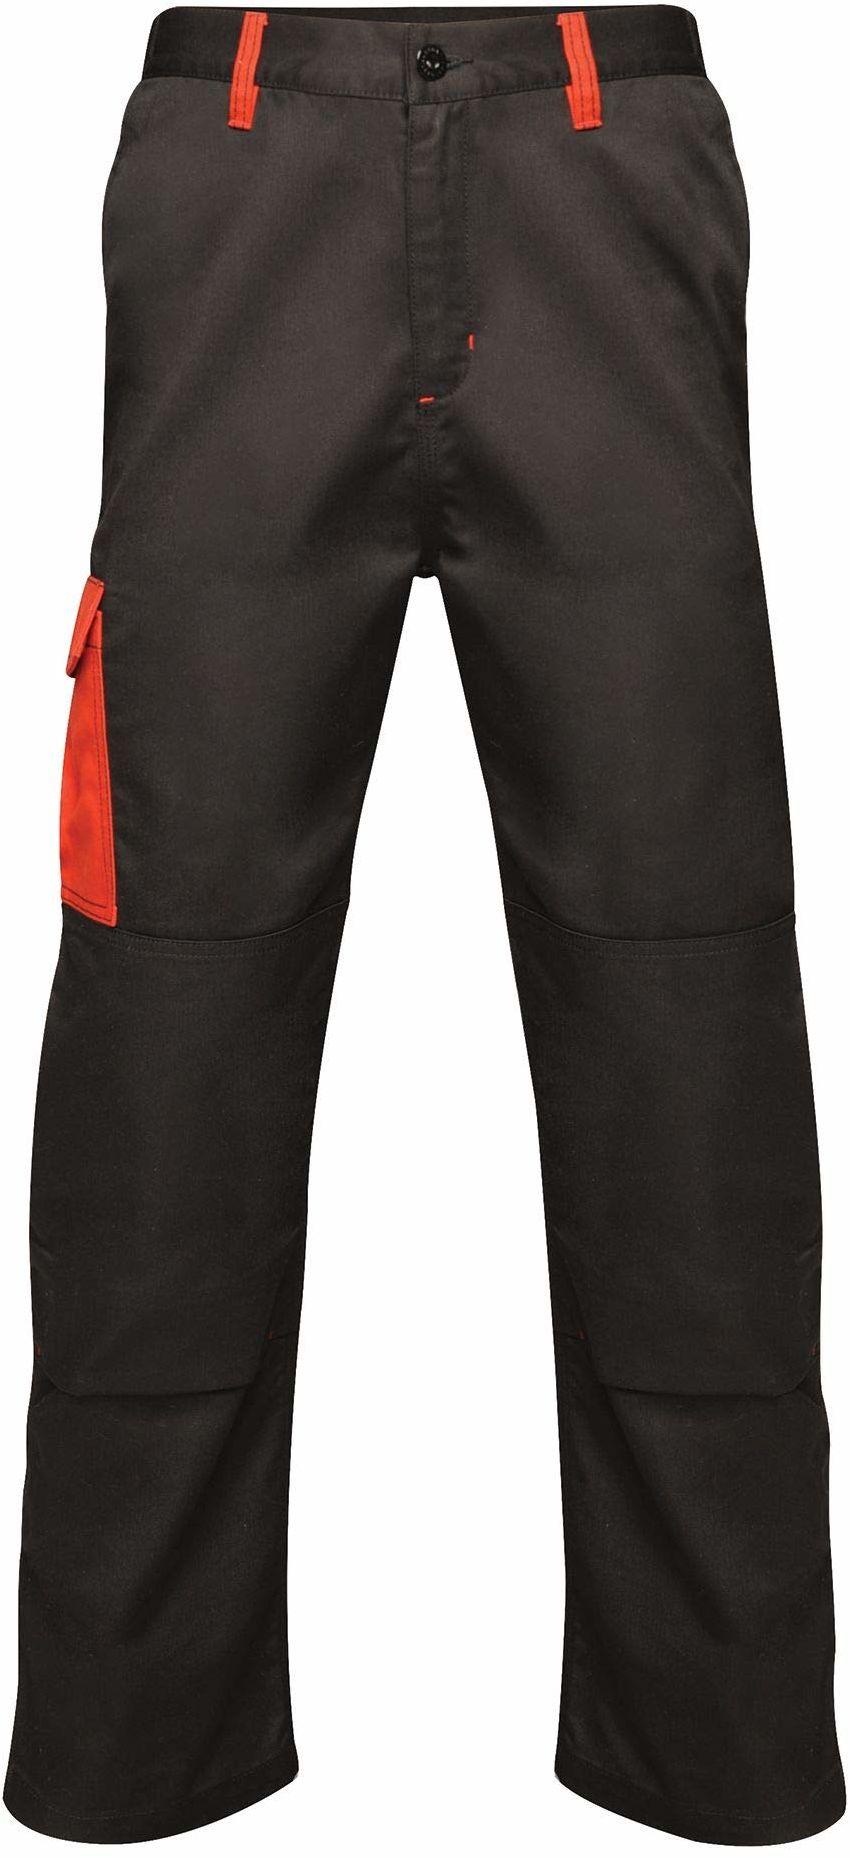 """Regatta męskie profesjonalne kontrastowe wytrzymałe spodnie cargo potrójnie szyte wodoodporne spodnie Black/Classic Red Size: 32"""""""